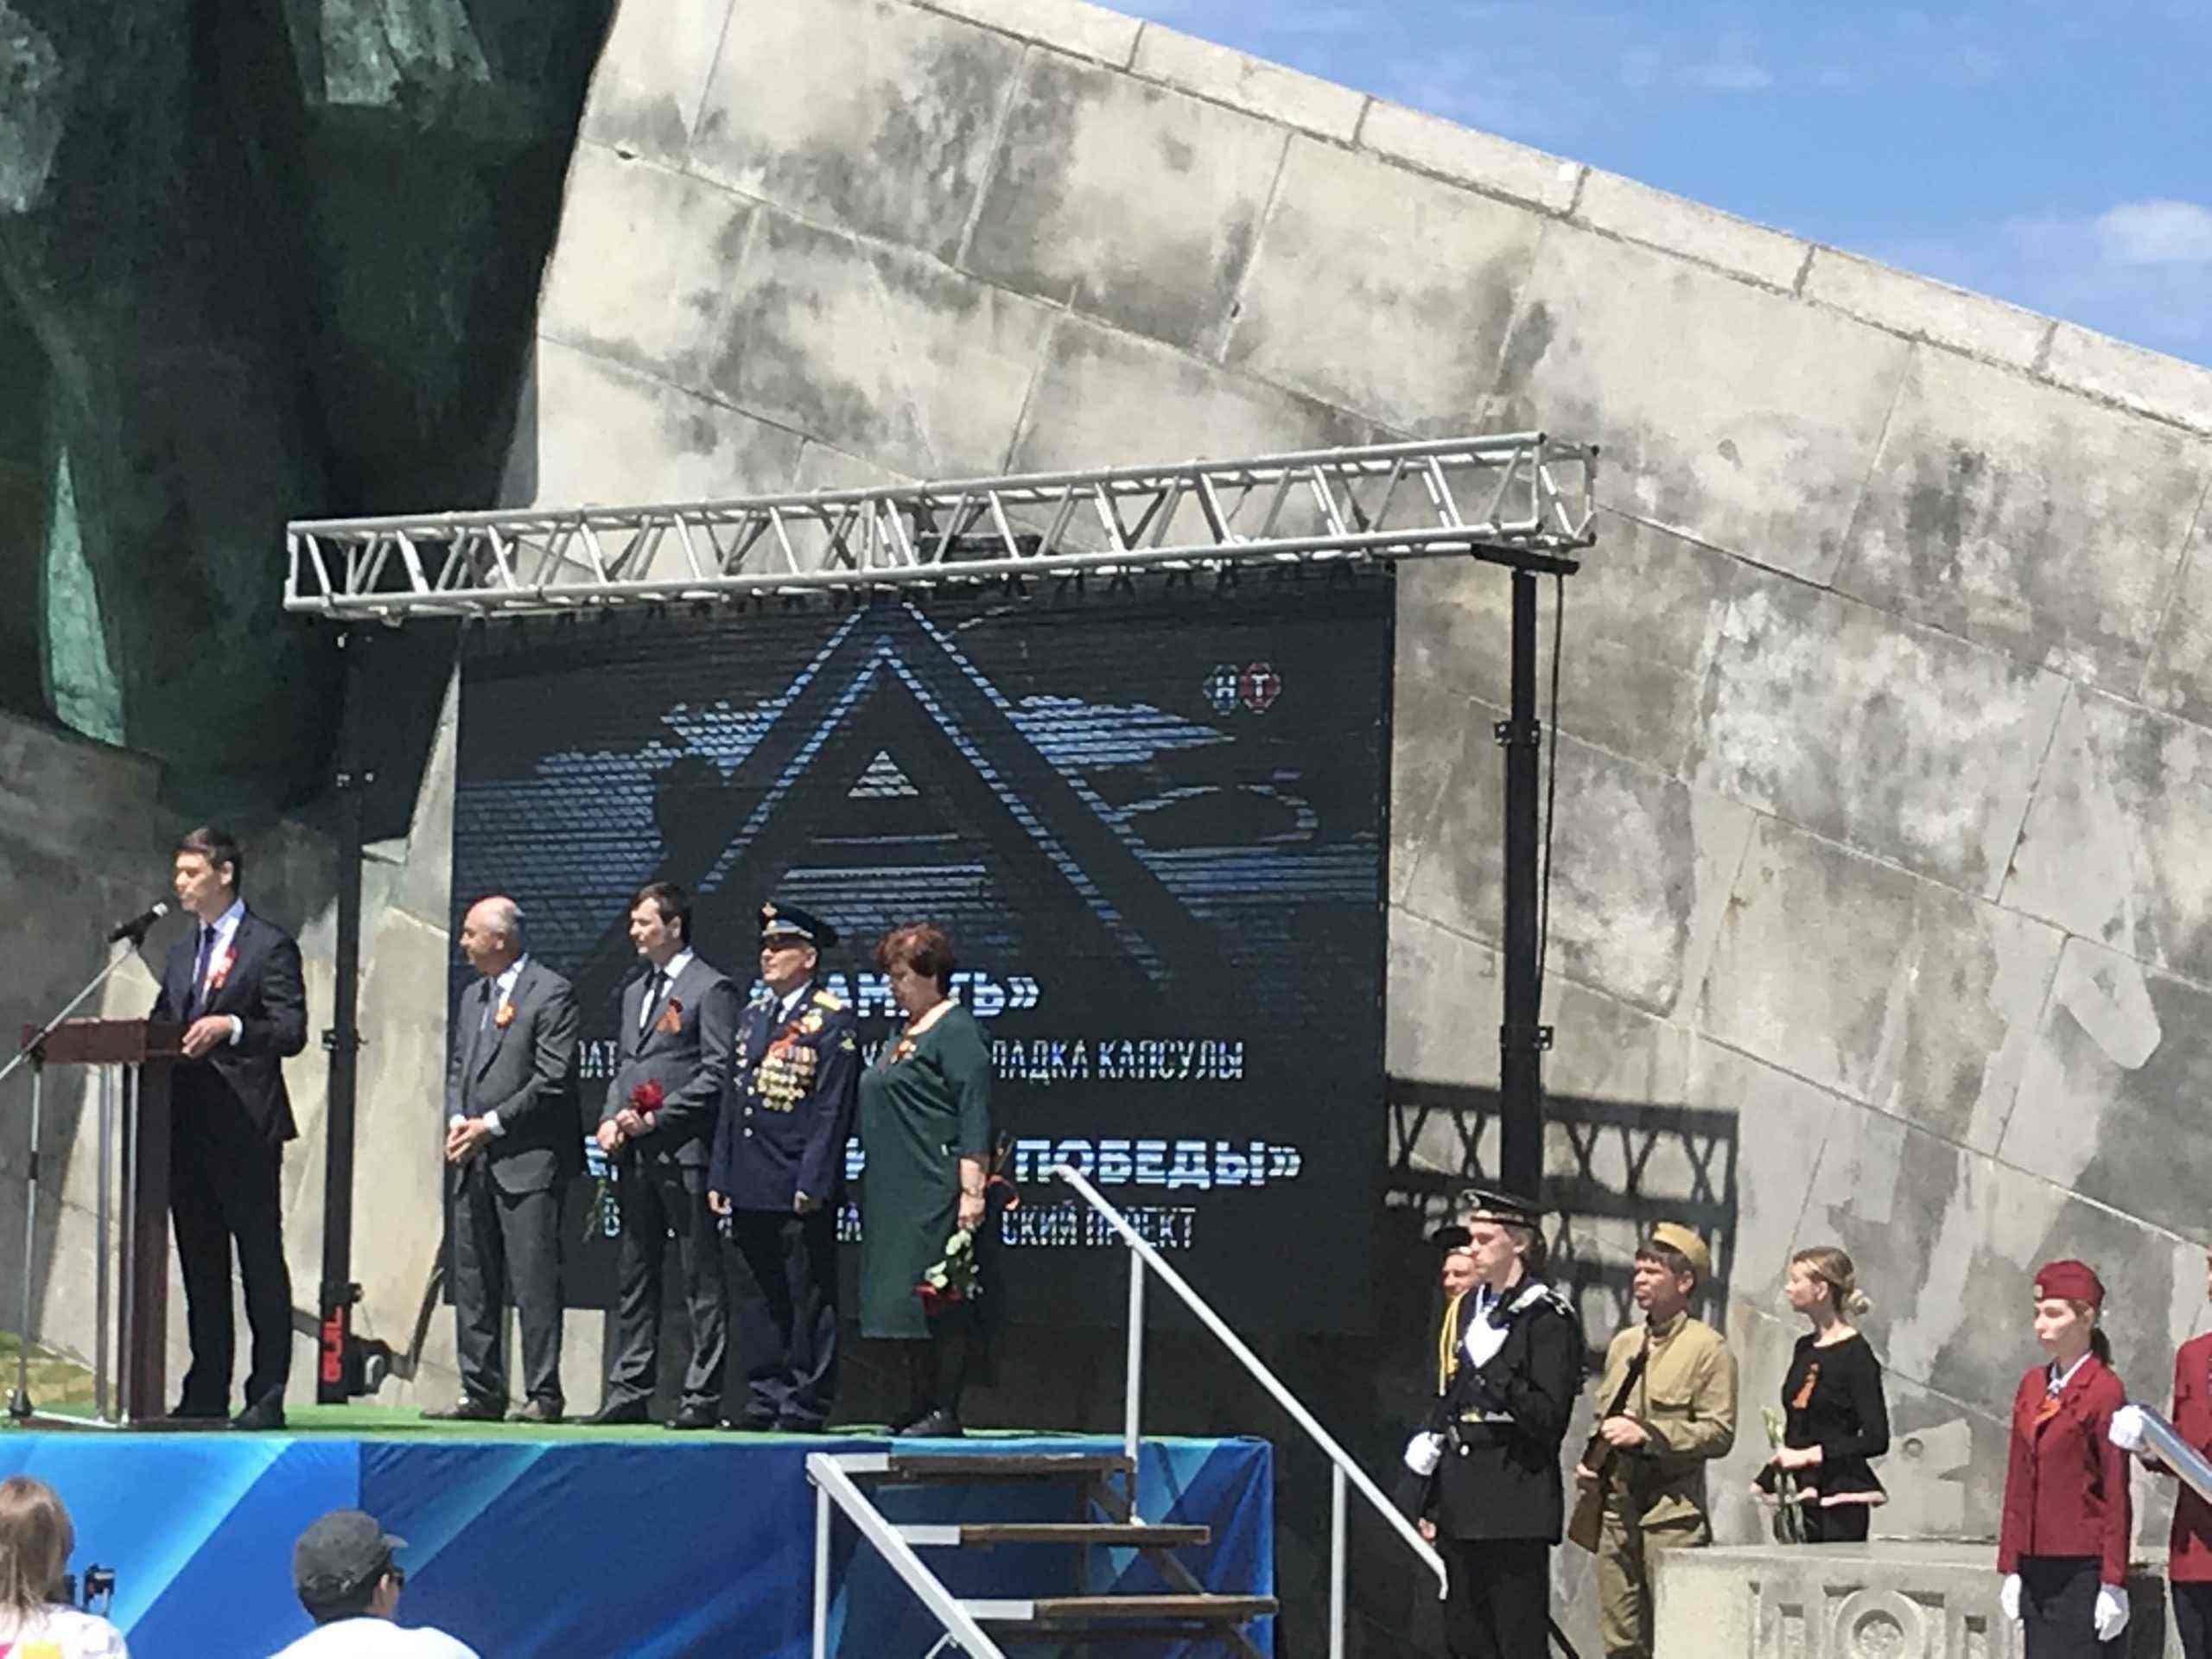 Наша память жива, пока бьется сердце. В Новороссийске прошел ритуал «Героев помним имена».